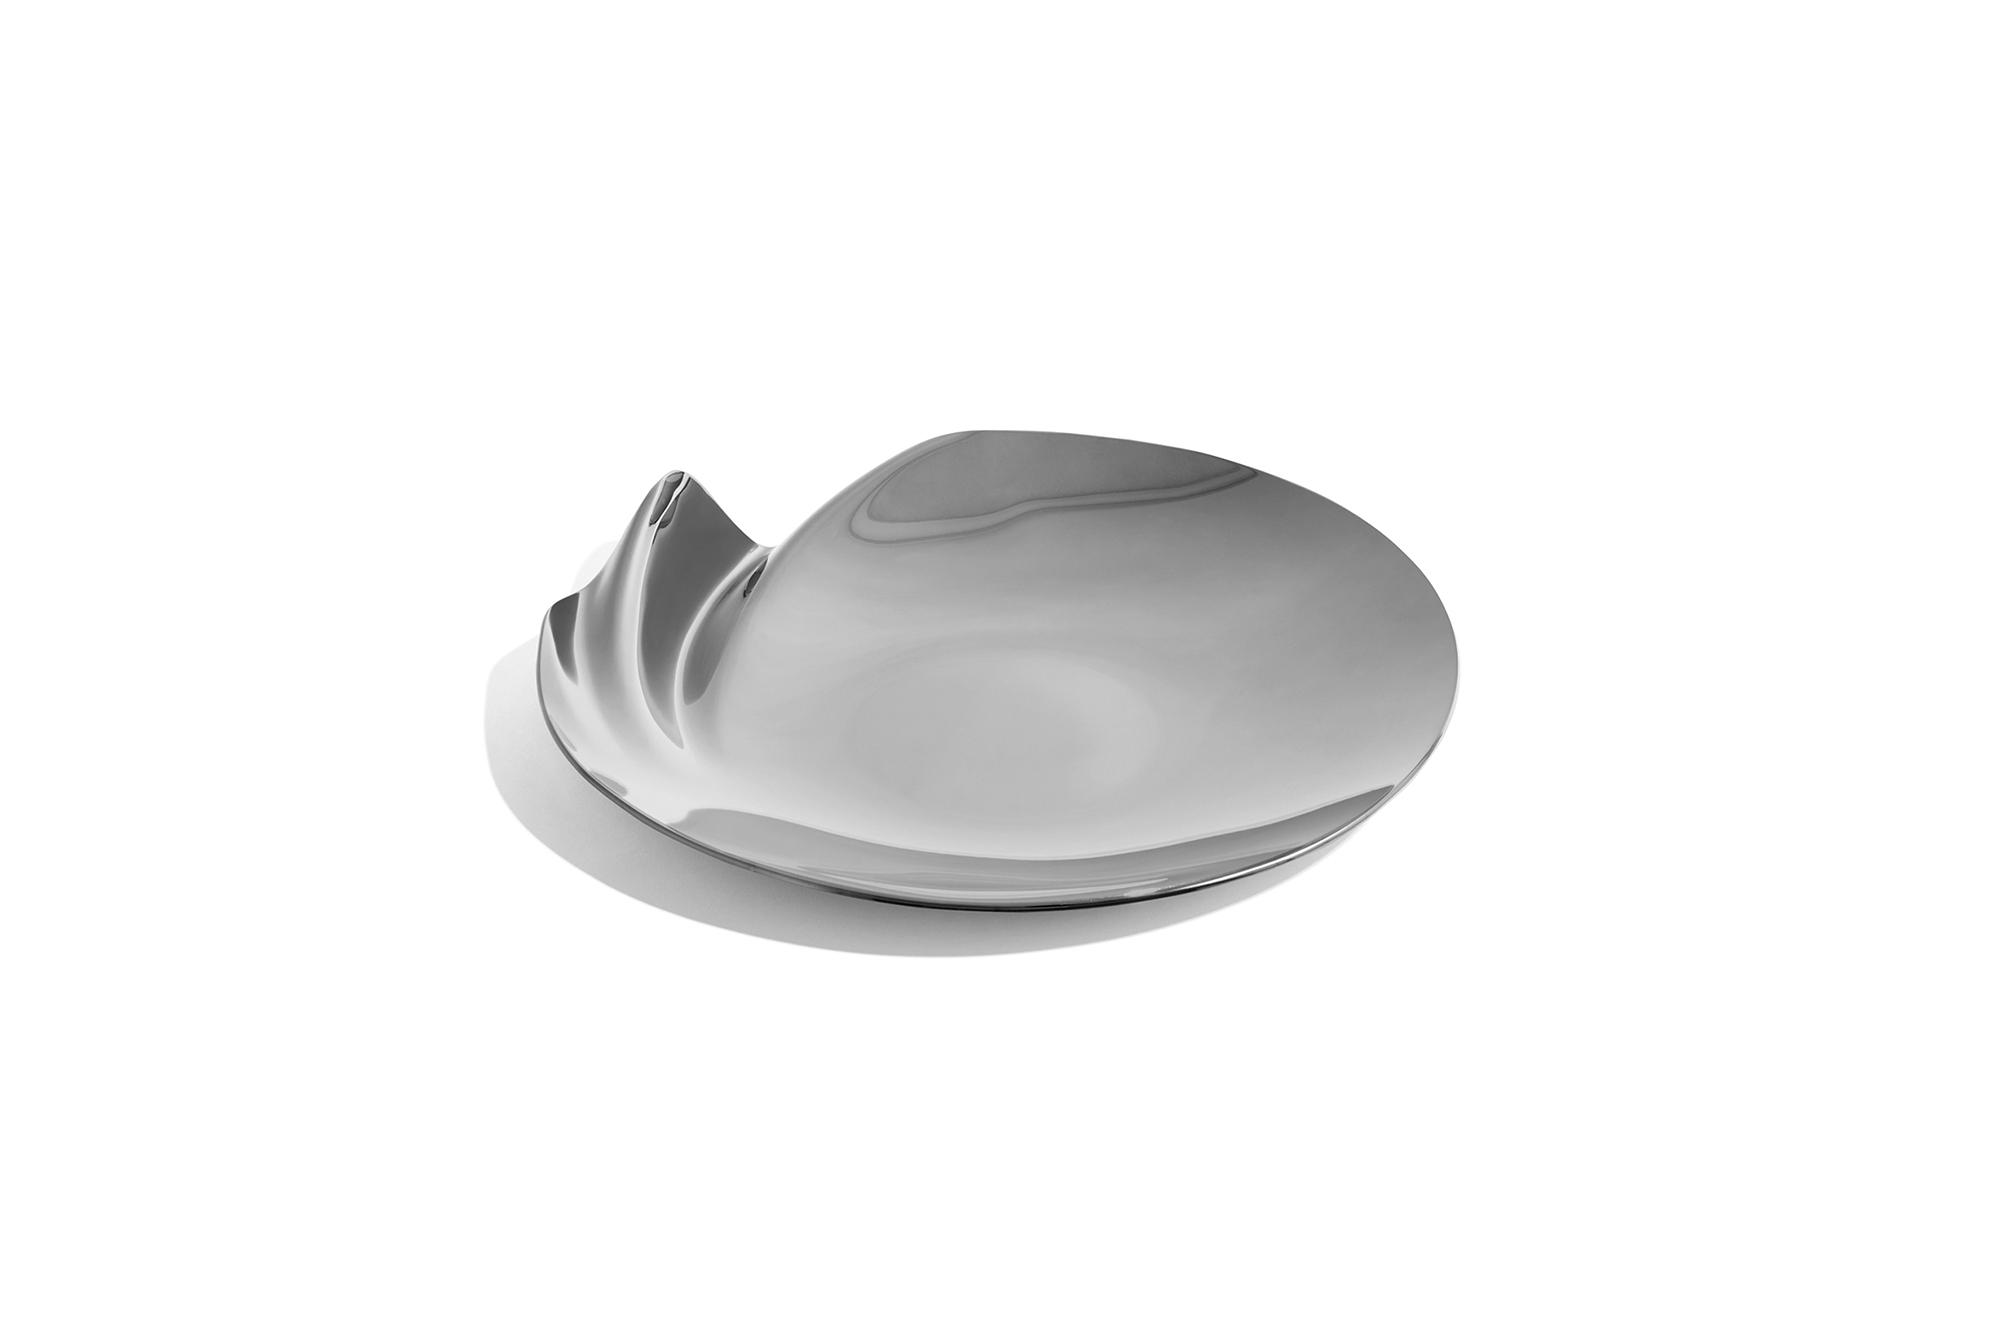 Serenity Platter Medium